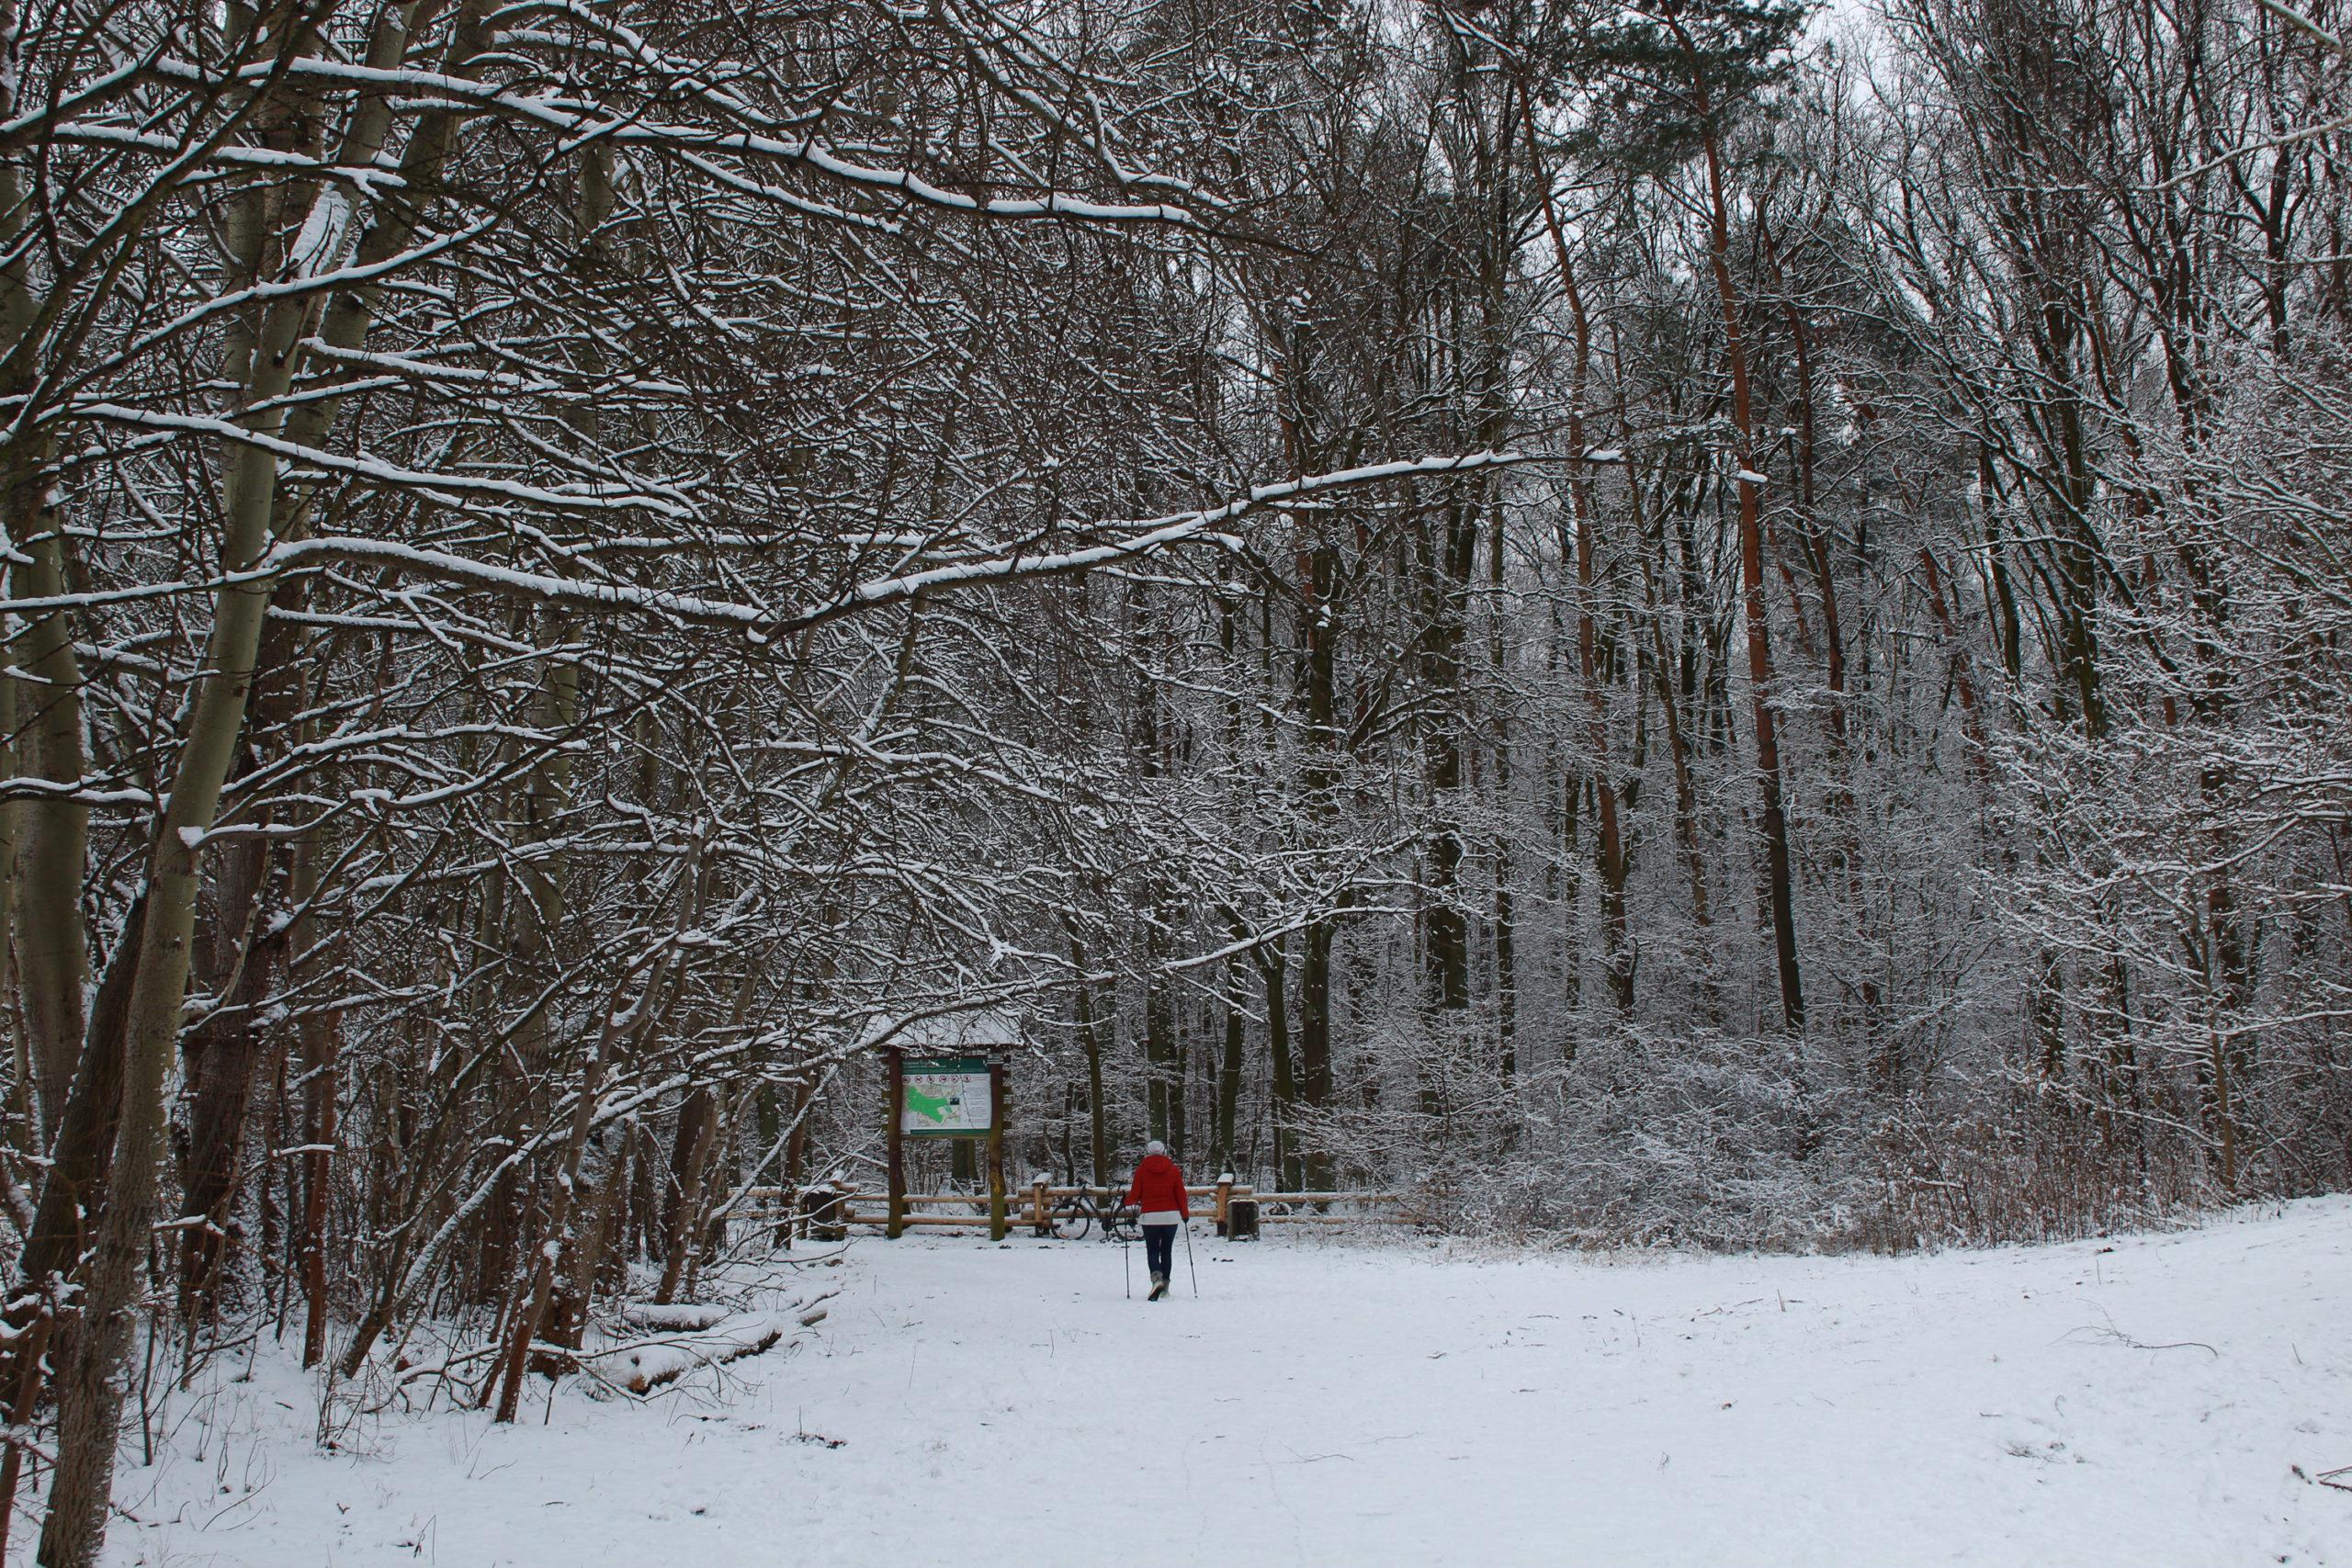 zima w lesie, mała postać na nartach biegowych w głębi lasu